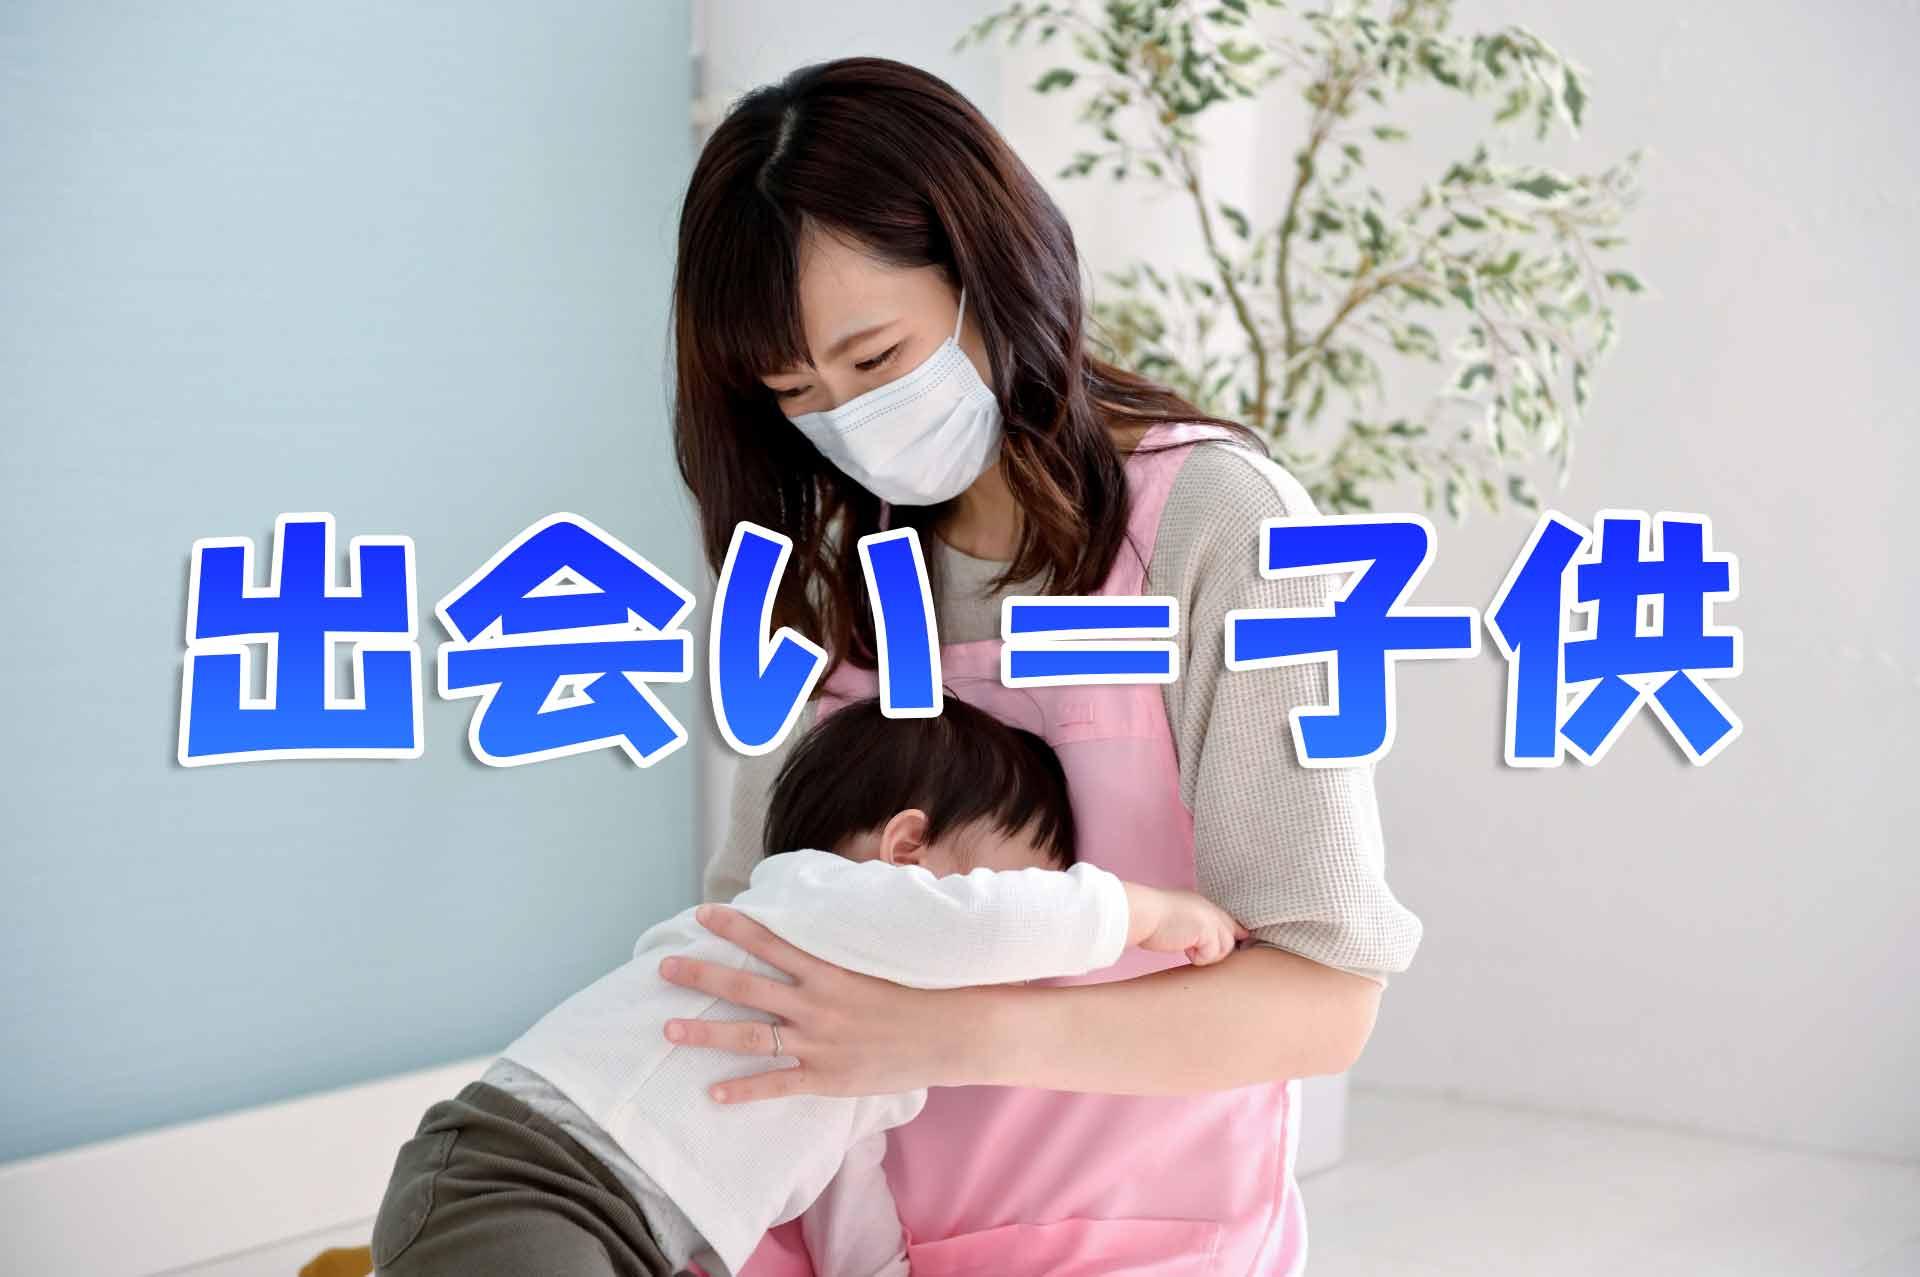 「出会い=子供」のテキストと、マスクをして子供と遊んでいる保育士の女性